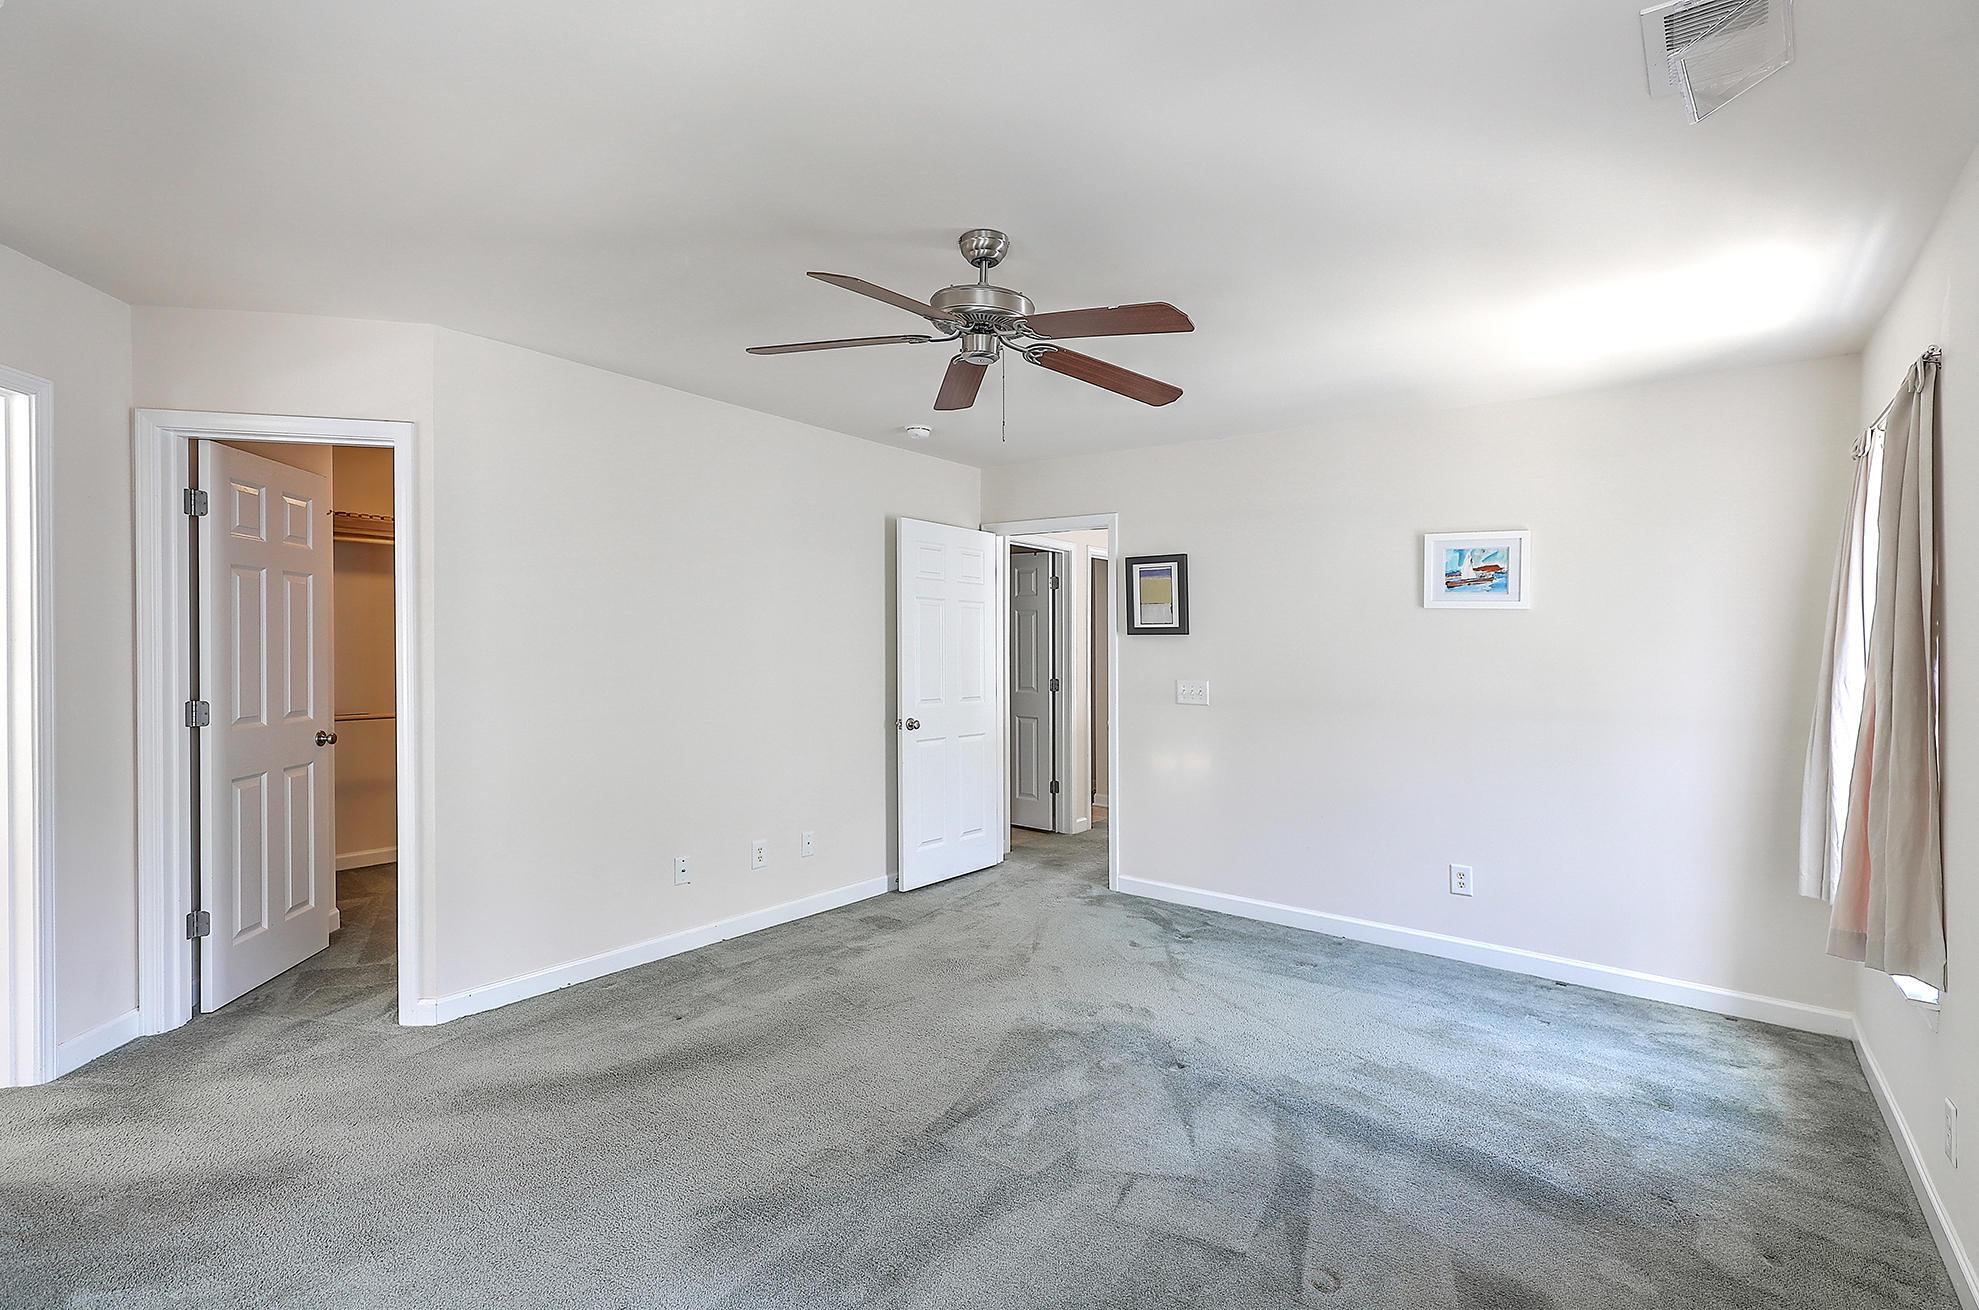 Kensington at Park West Homes For Sale - 3521 Claremont, Mount Pleasant, SC - 28